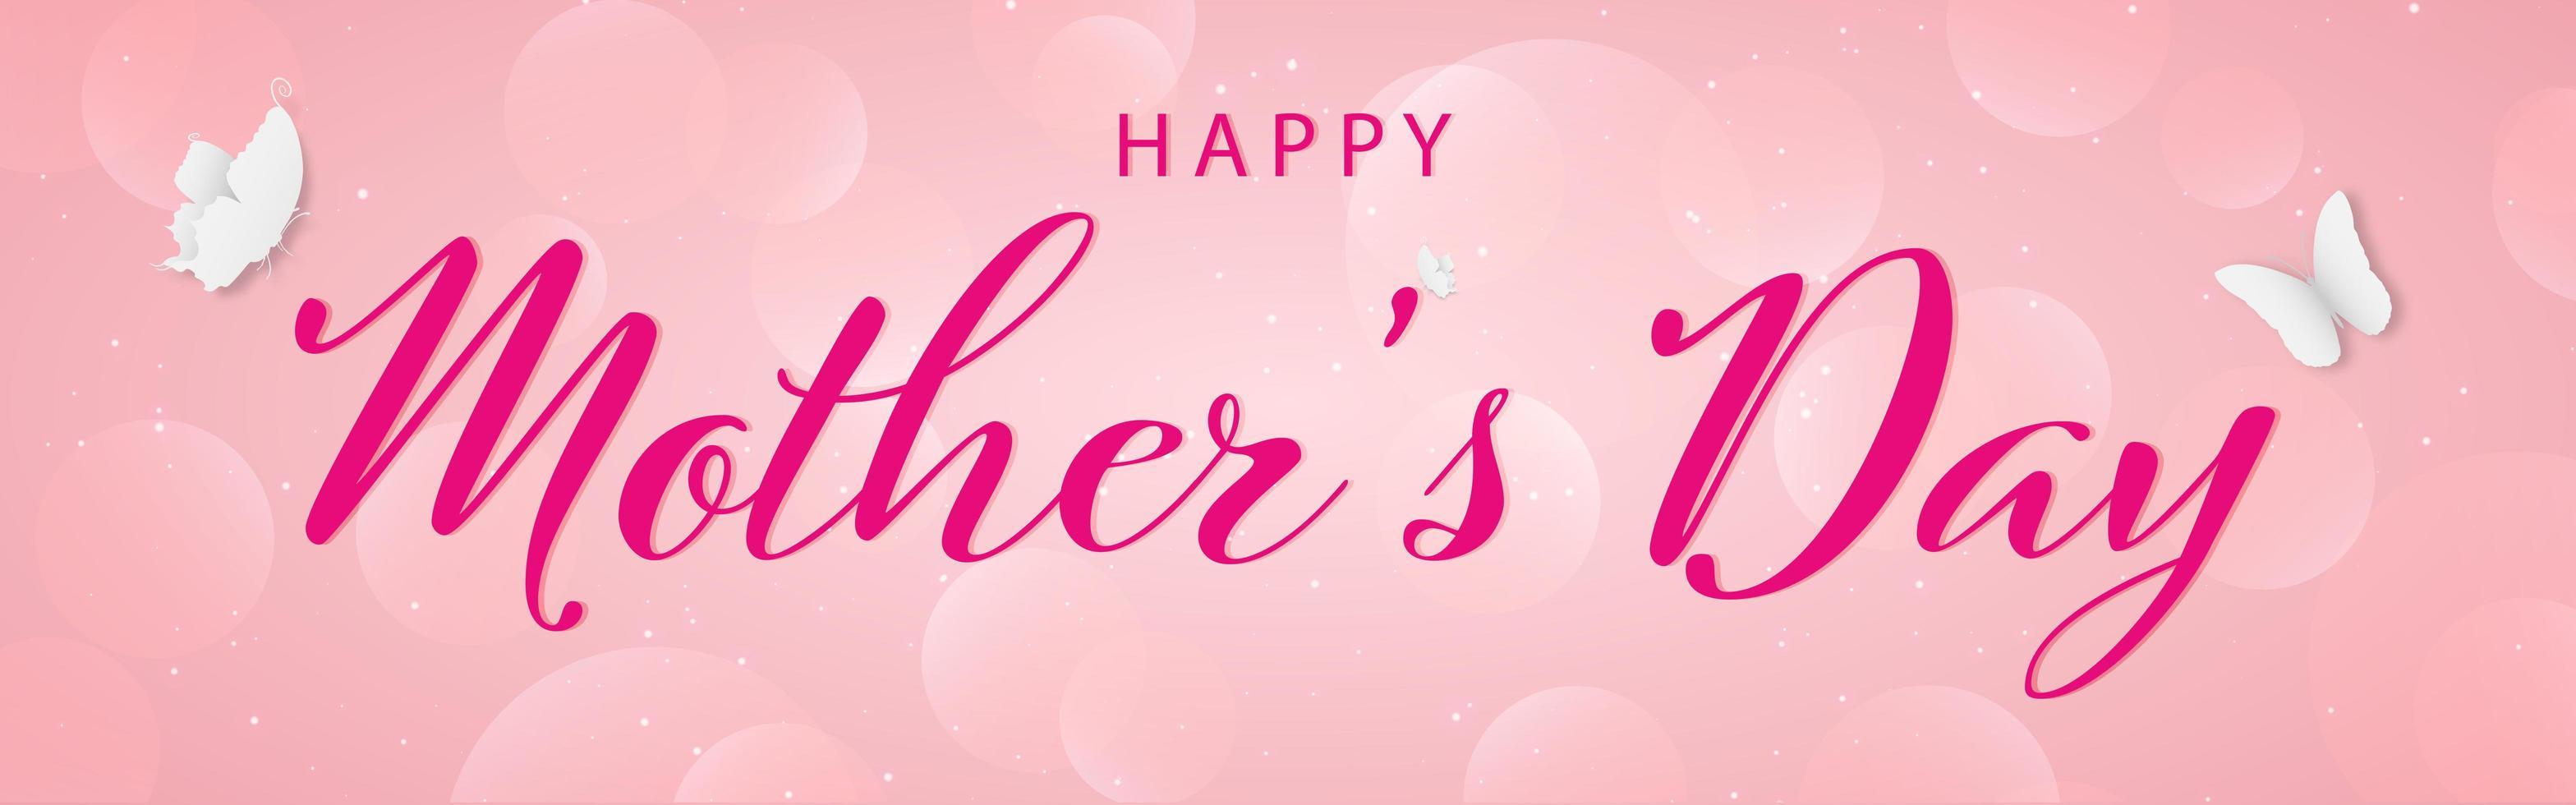 felice festa della mamma elegante lettering banner con farfalle vettore